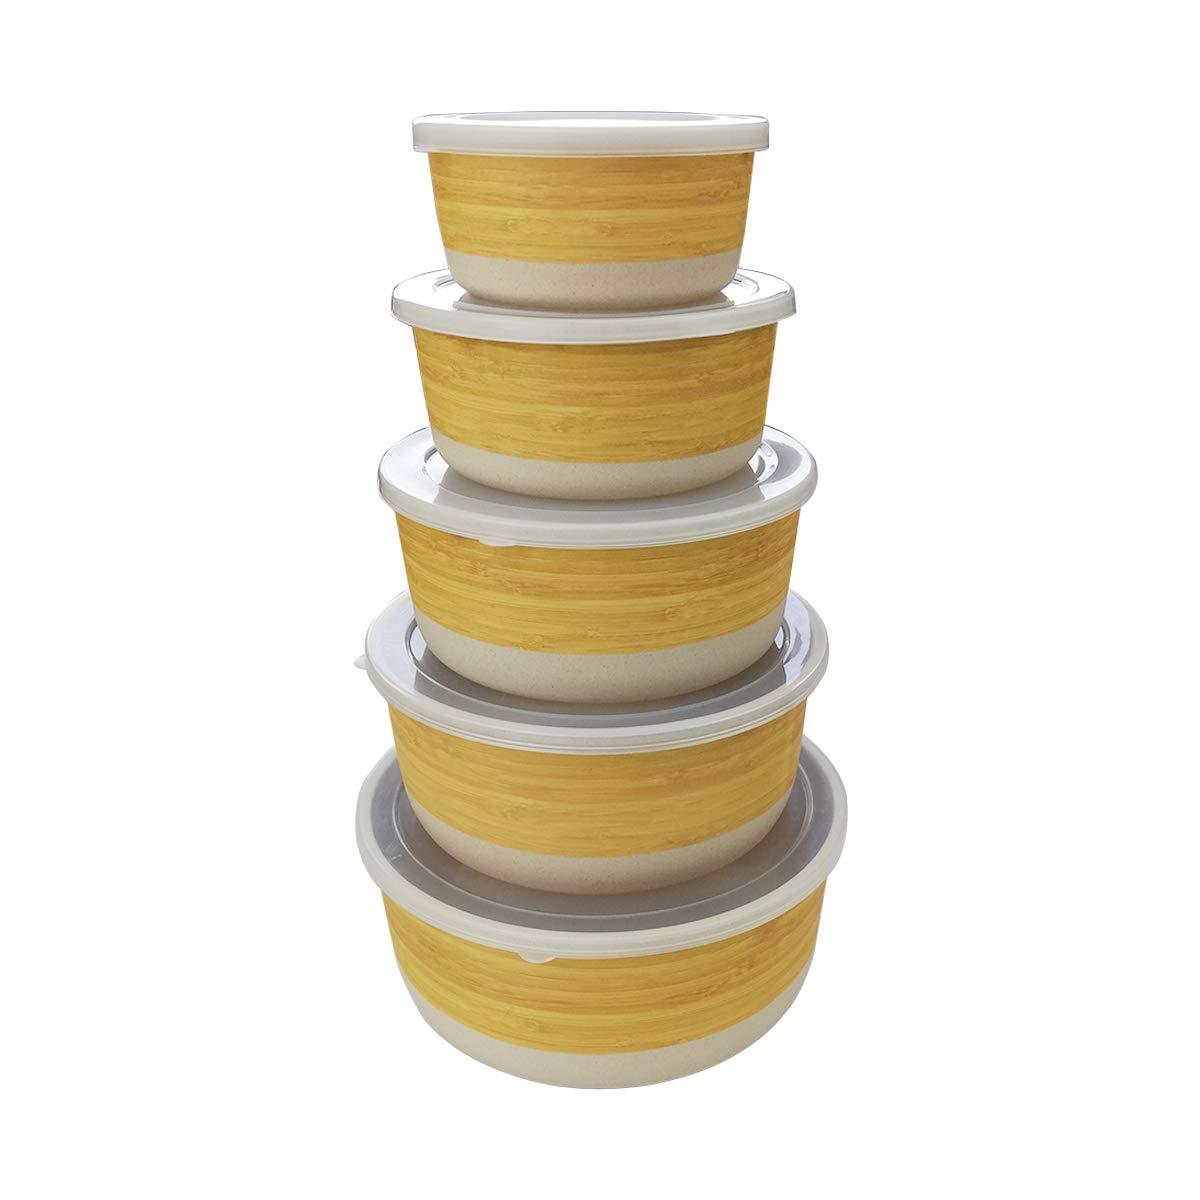 Set de Recipientes Herméticos para alimentos de bambú con tapa, 5 piezas,ecológico,Material ecológico sin BPA, Ideal para bebé e Infantil-rombo